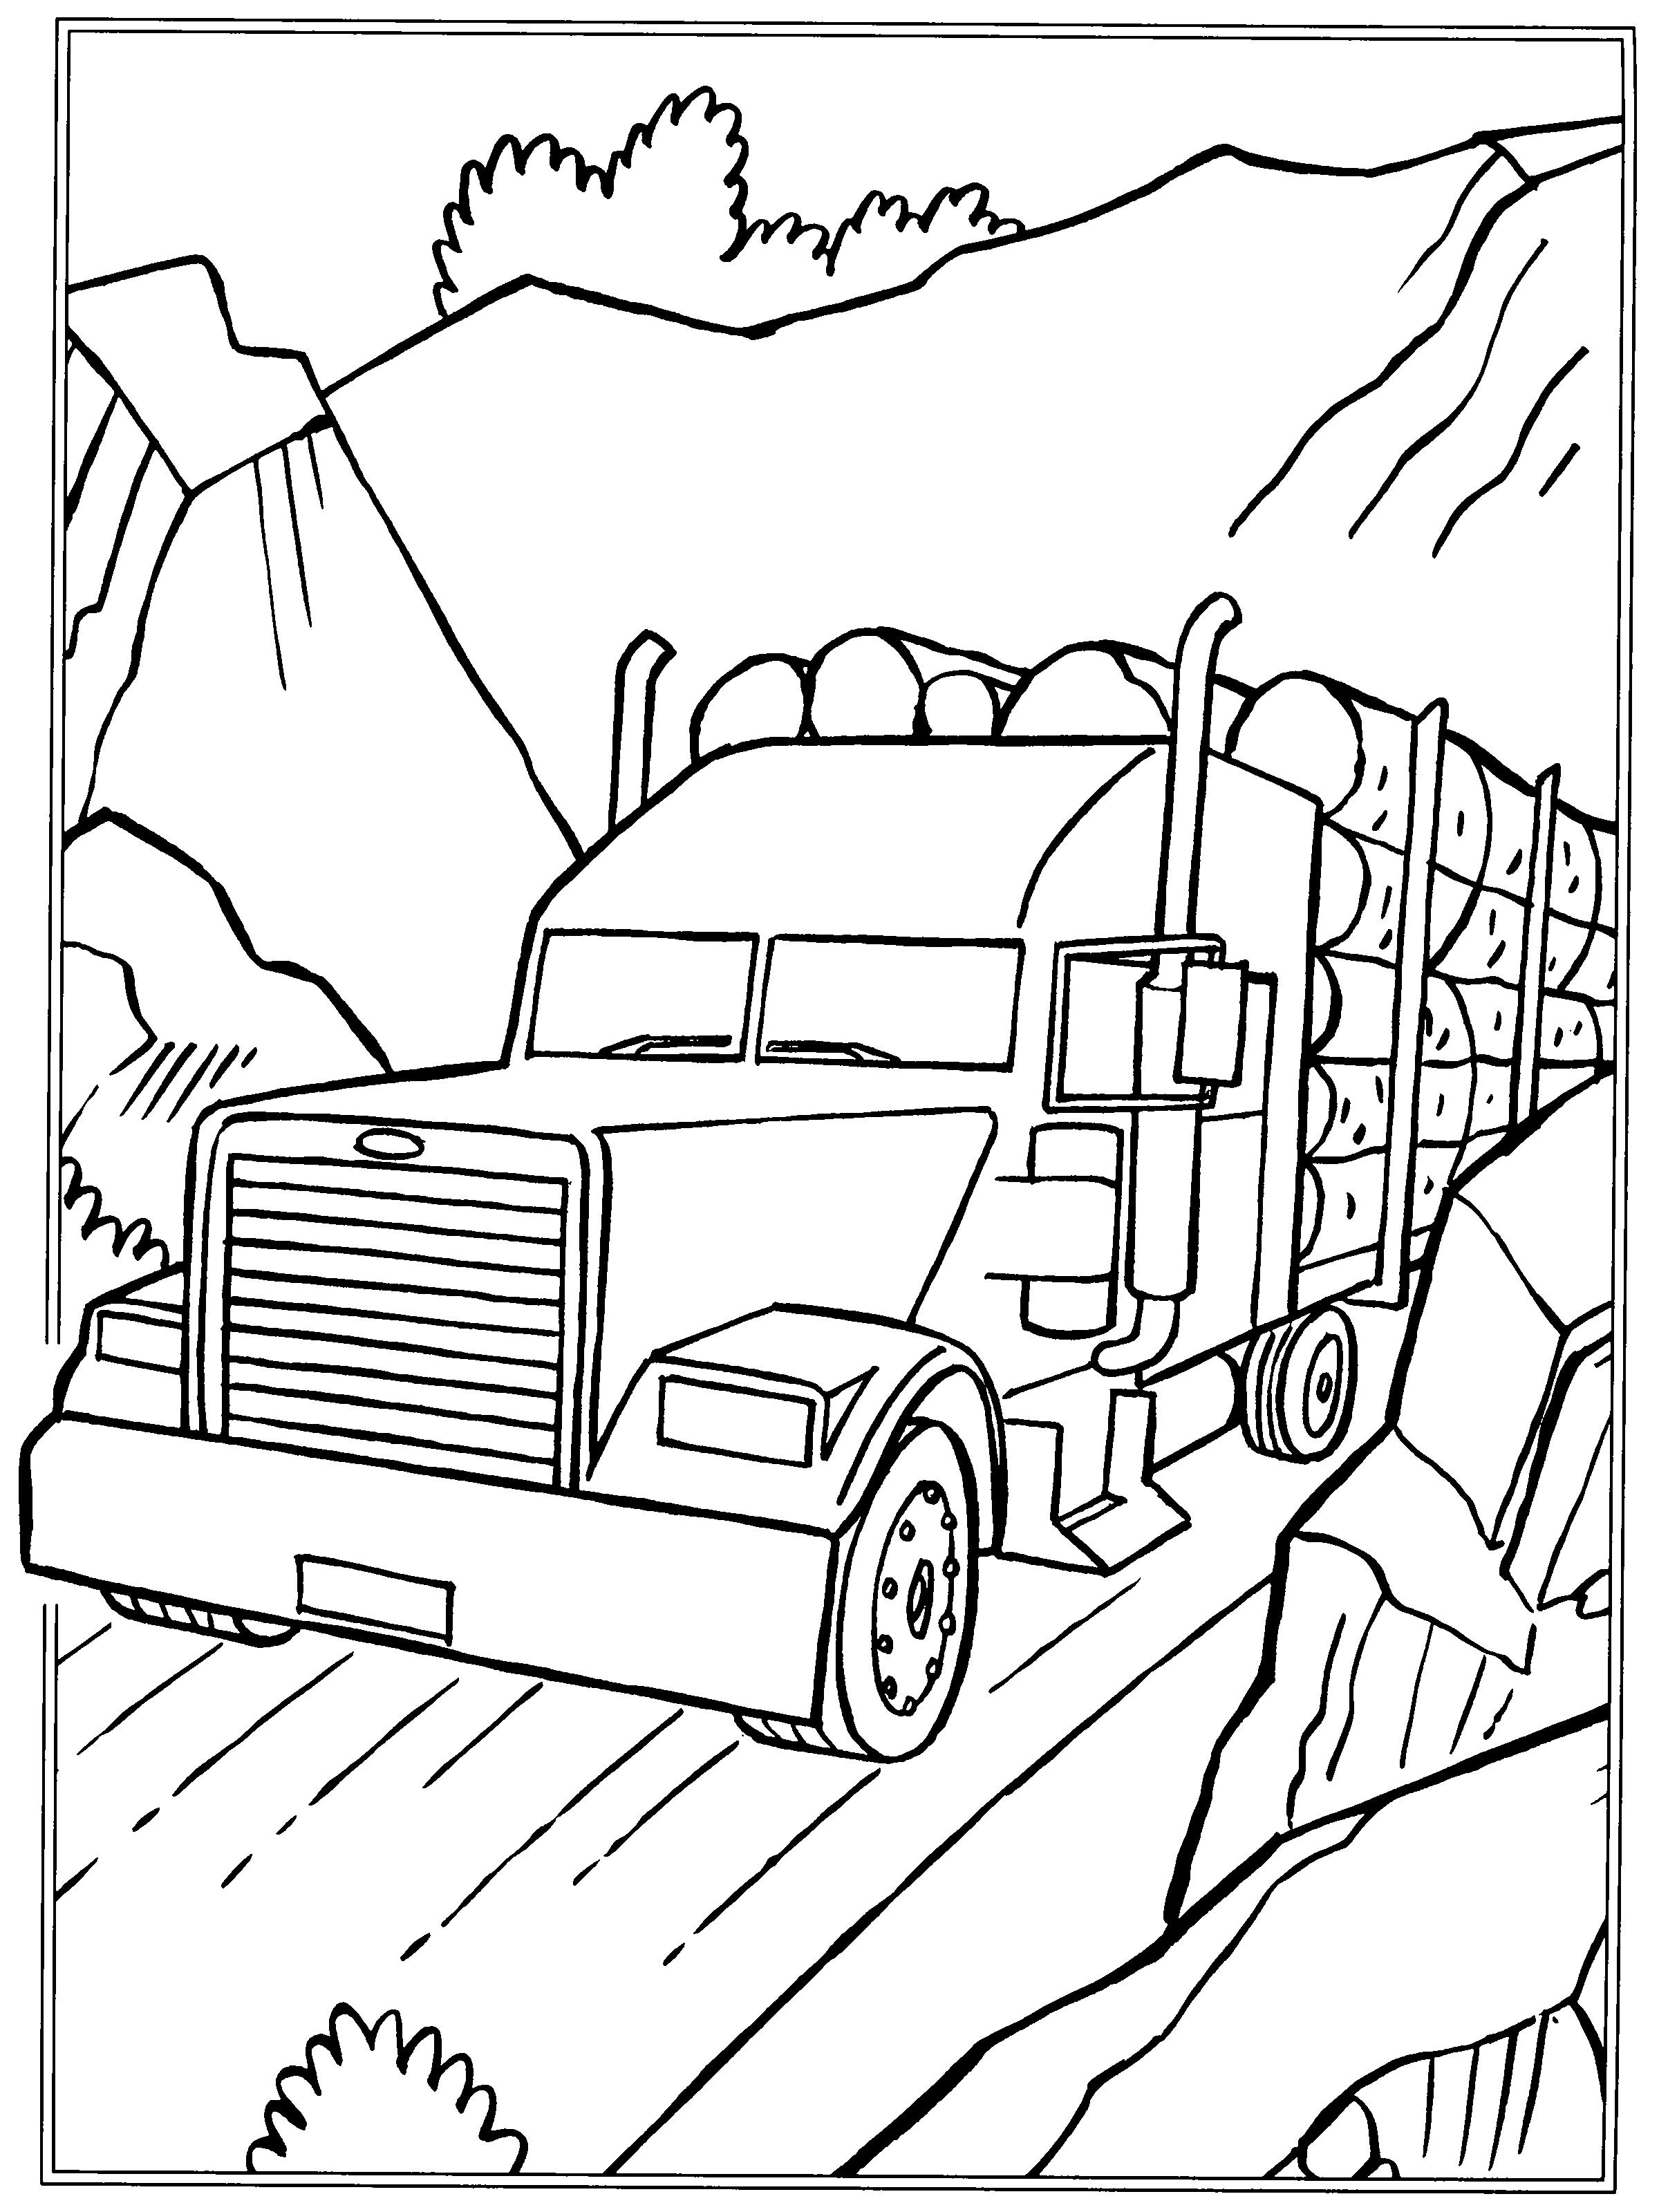 kleurplaat-vrachtwagen05